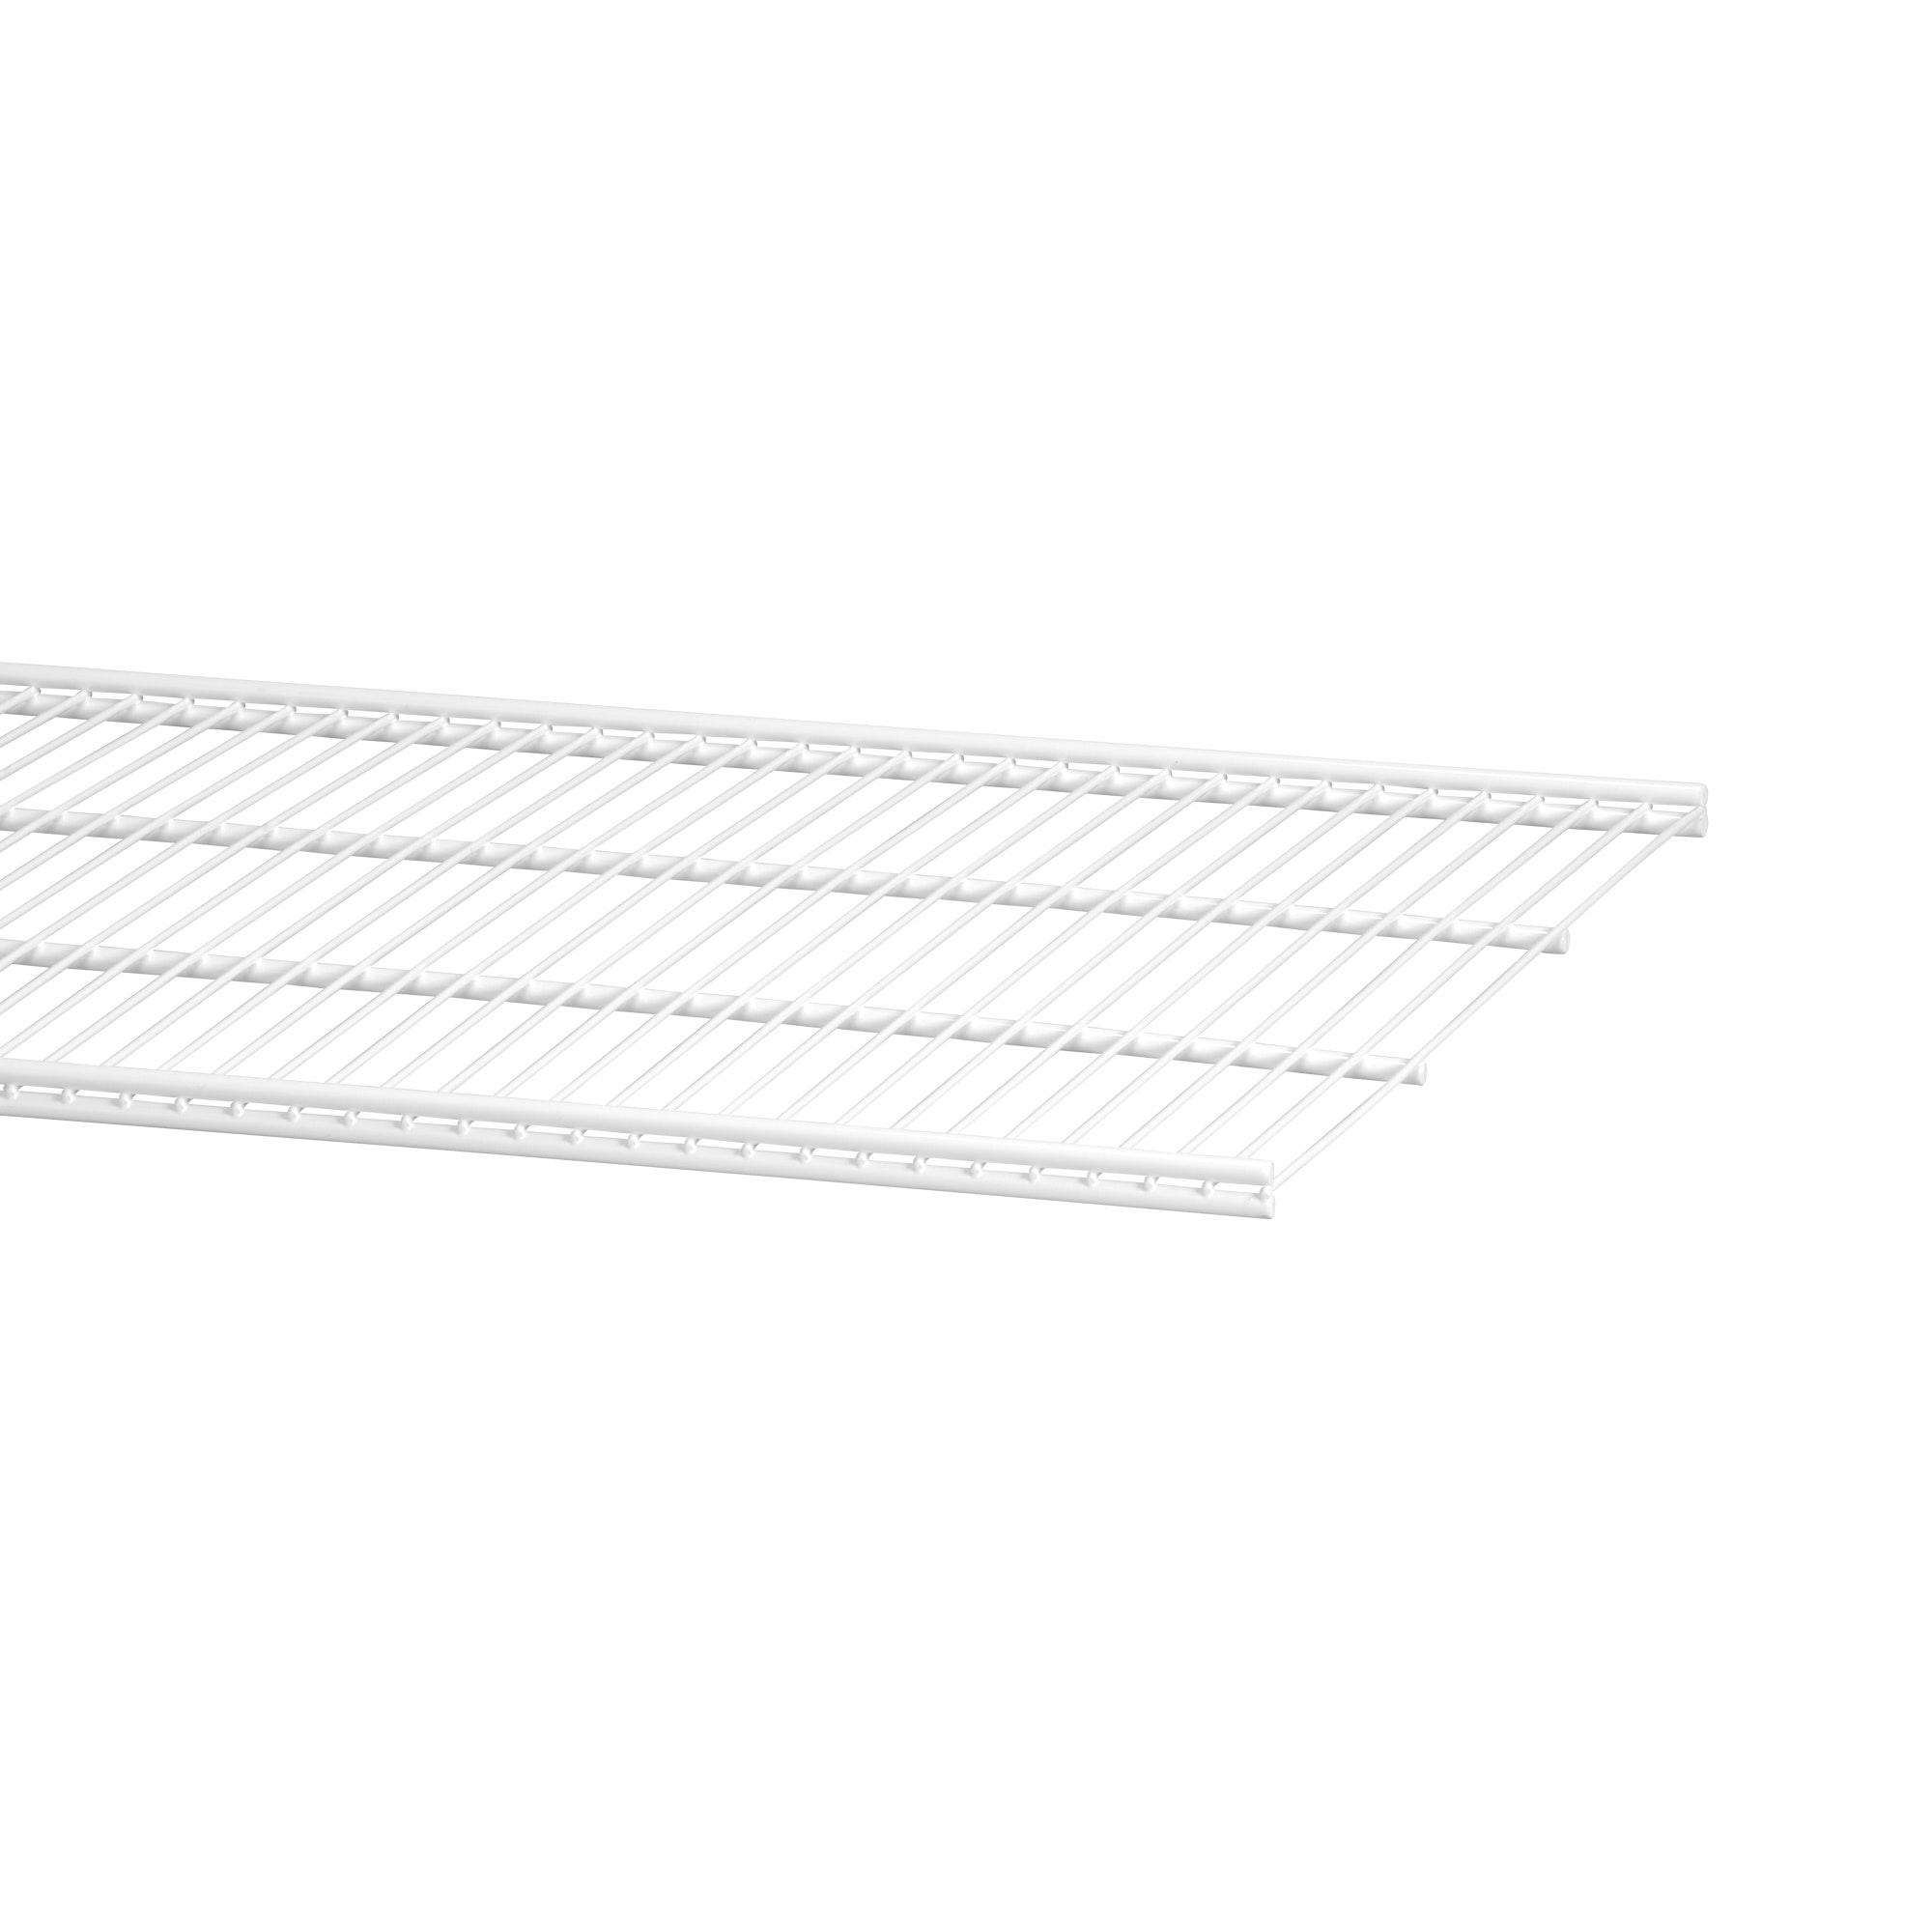 Trådhylla Elfa 1212X405mm vit451610